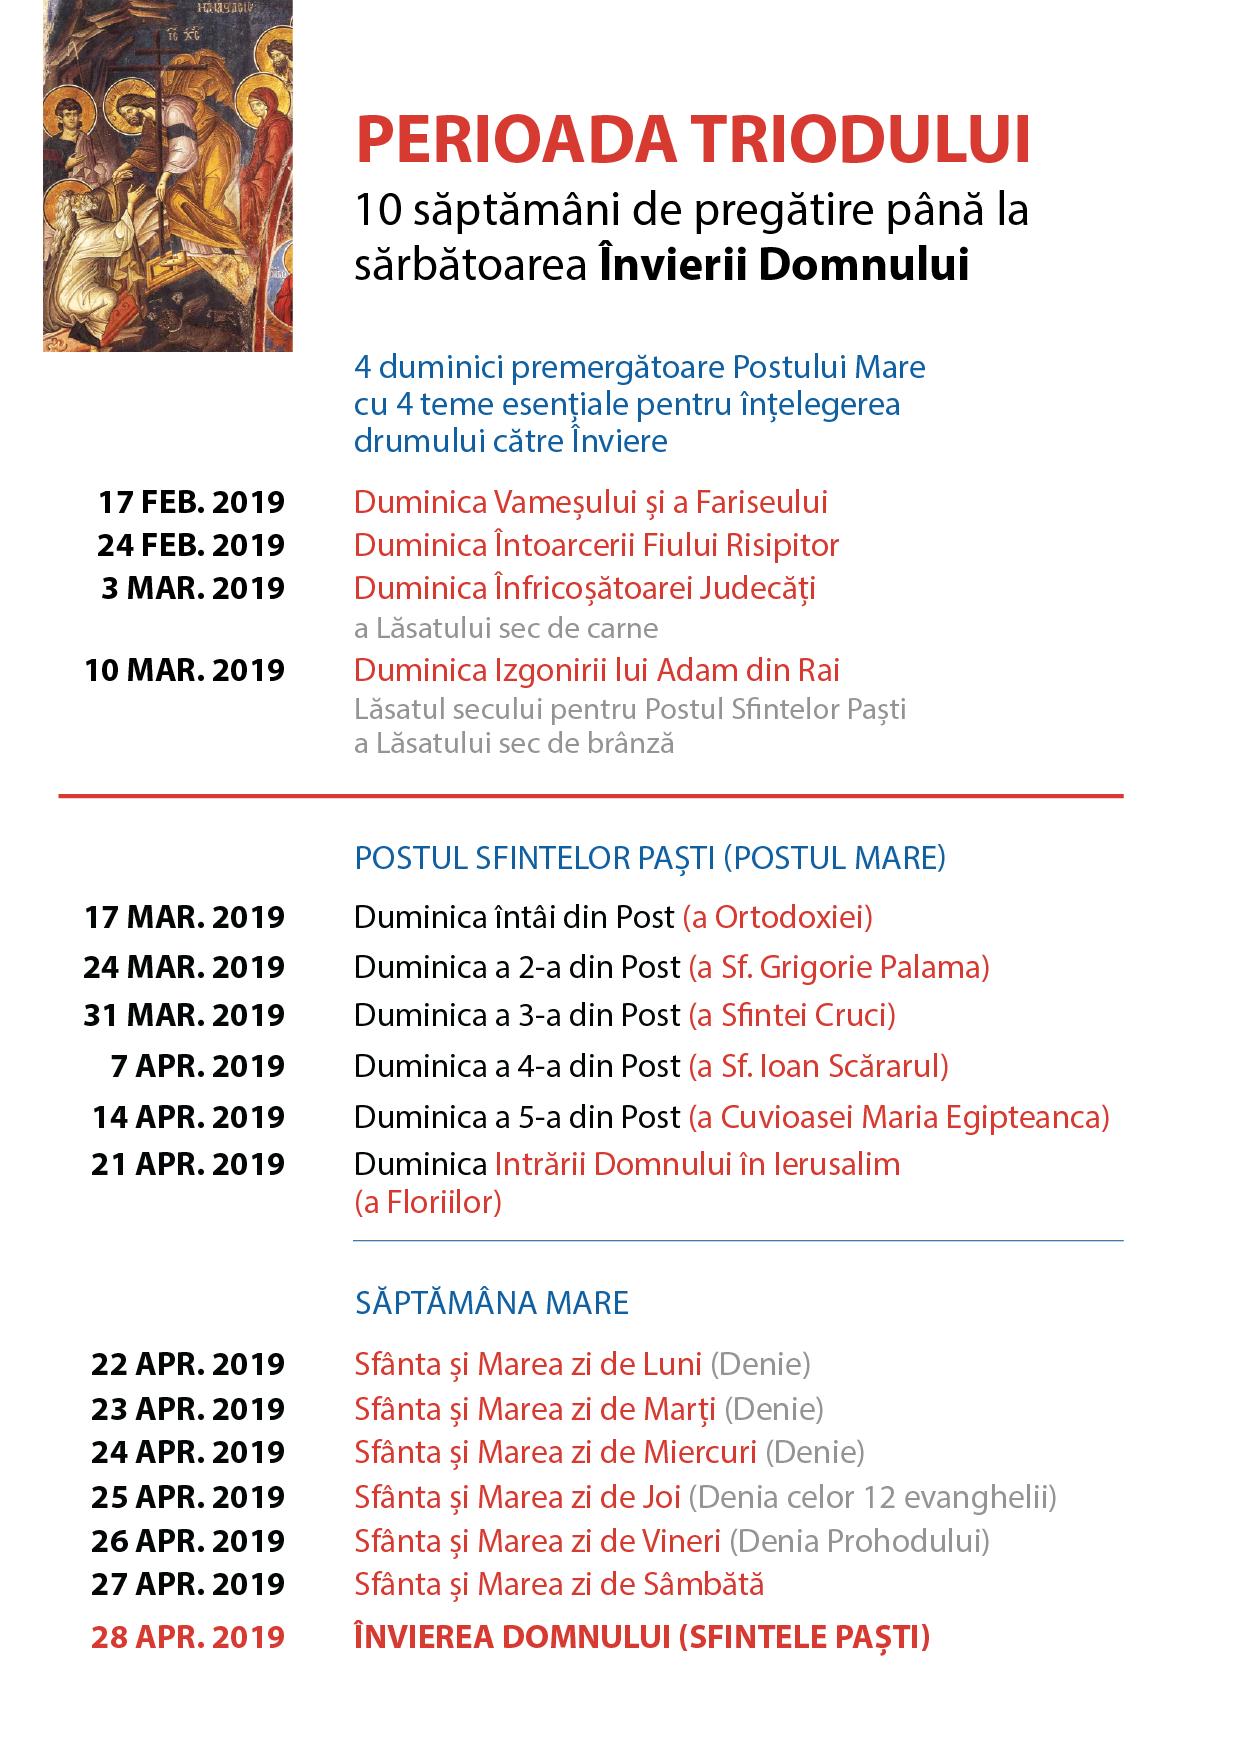 Triodul-Perioada-pregatitoare-Invierii-Domnului-Postul-Mare-pentru-diaspora-01